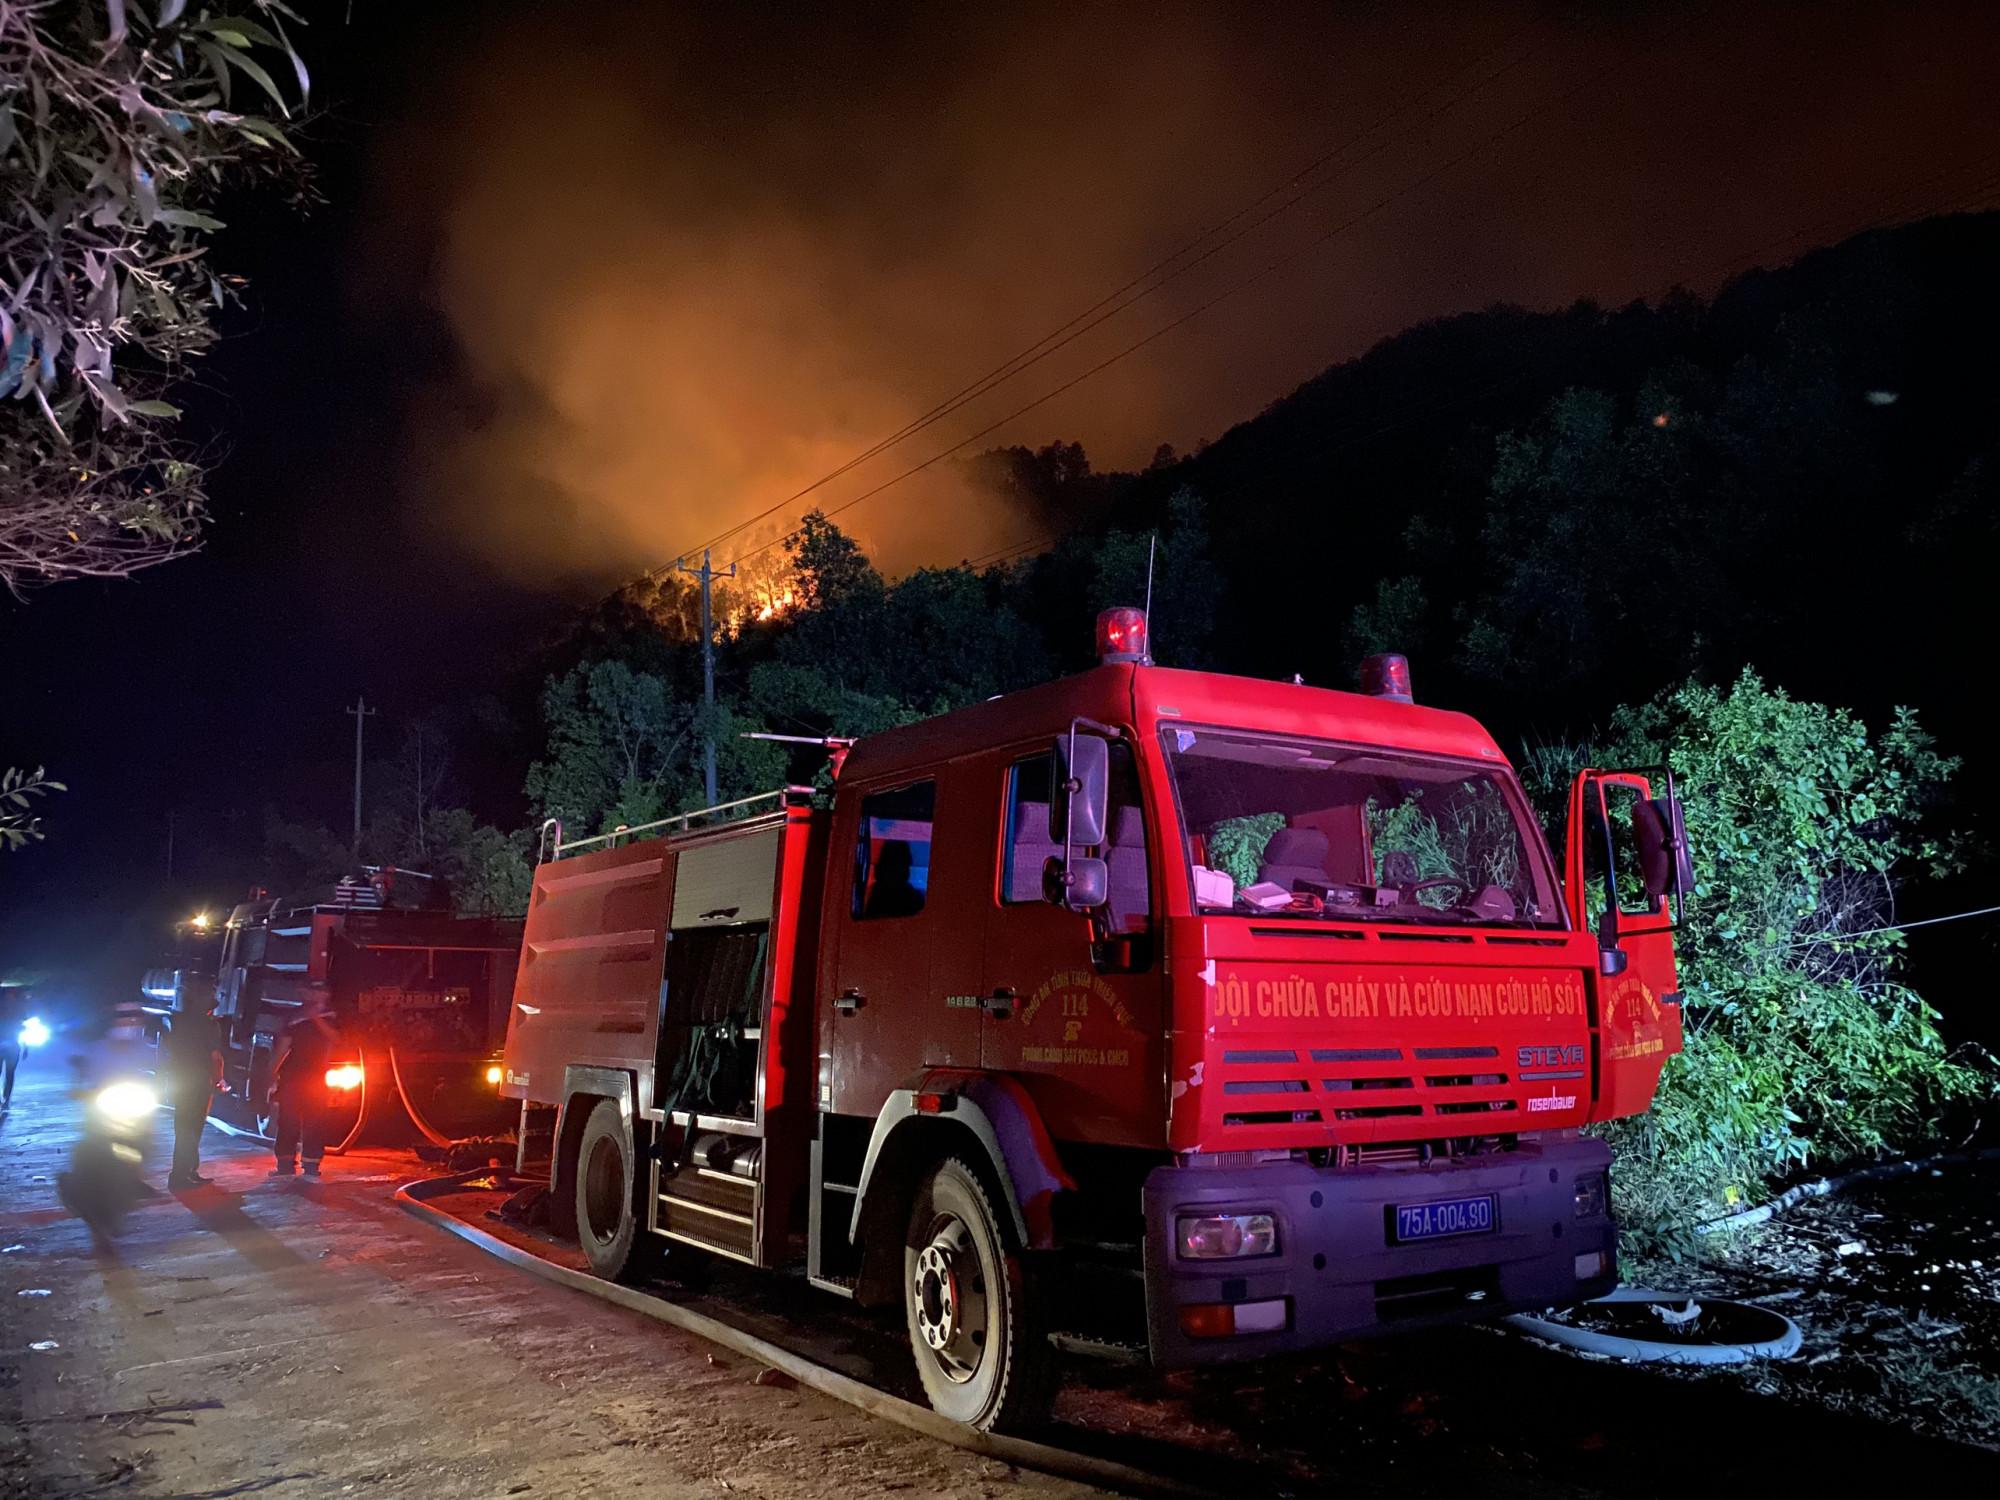 Ngay trong tối 28/6 hơn 10 xe cứu hỏa đã tiếp tục được chi viện đến hiện trường để cùng tham gia công tác chữa cháy